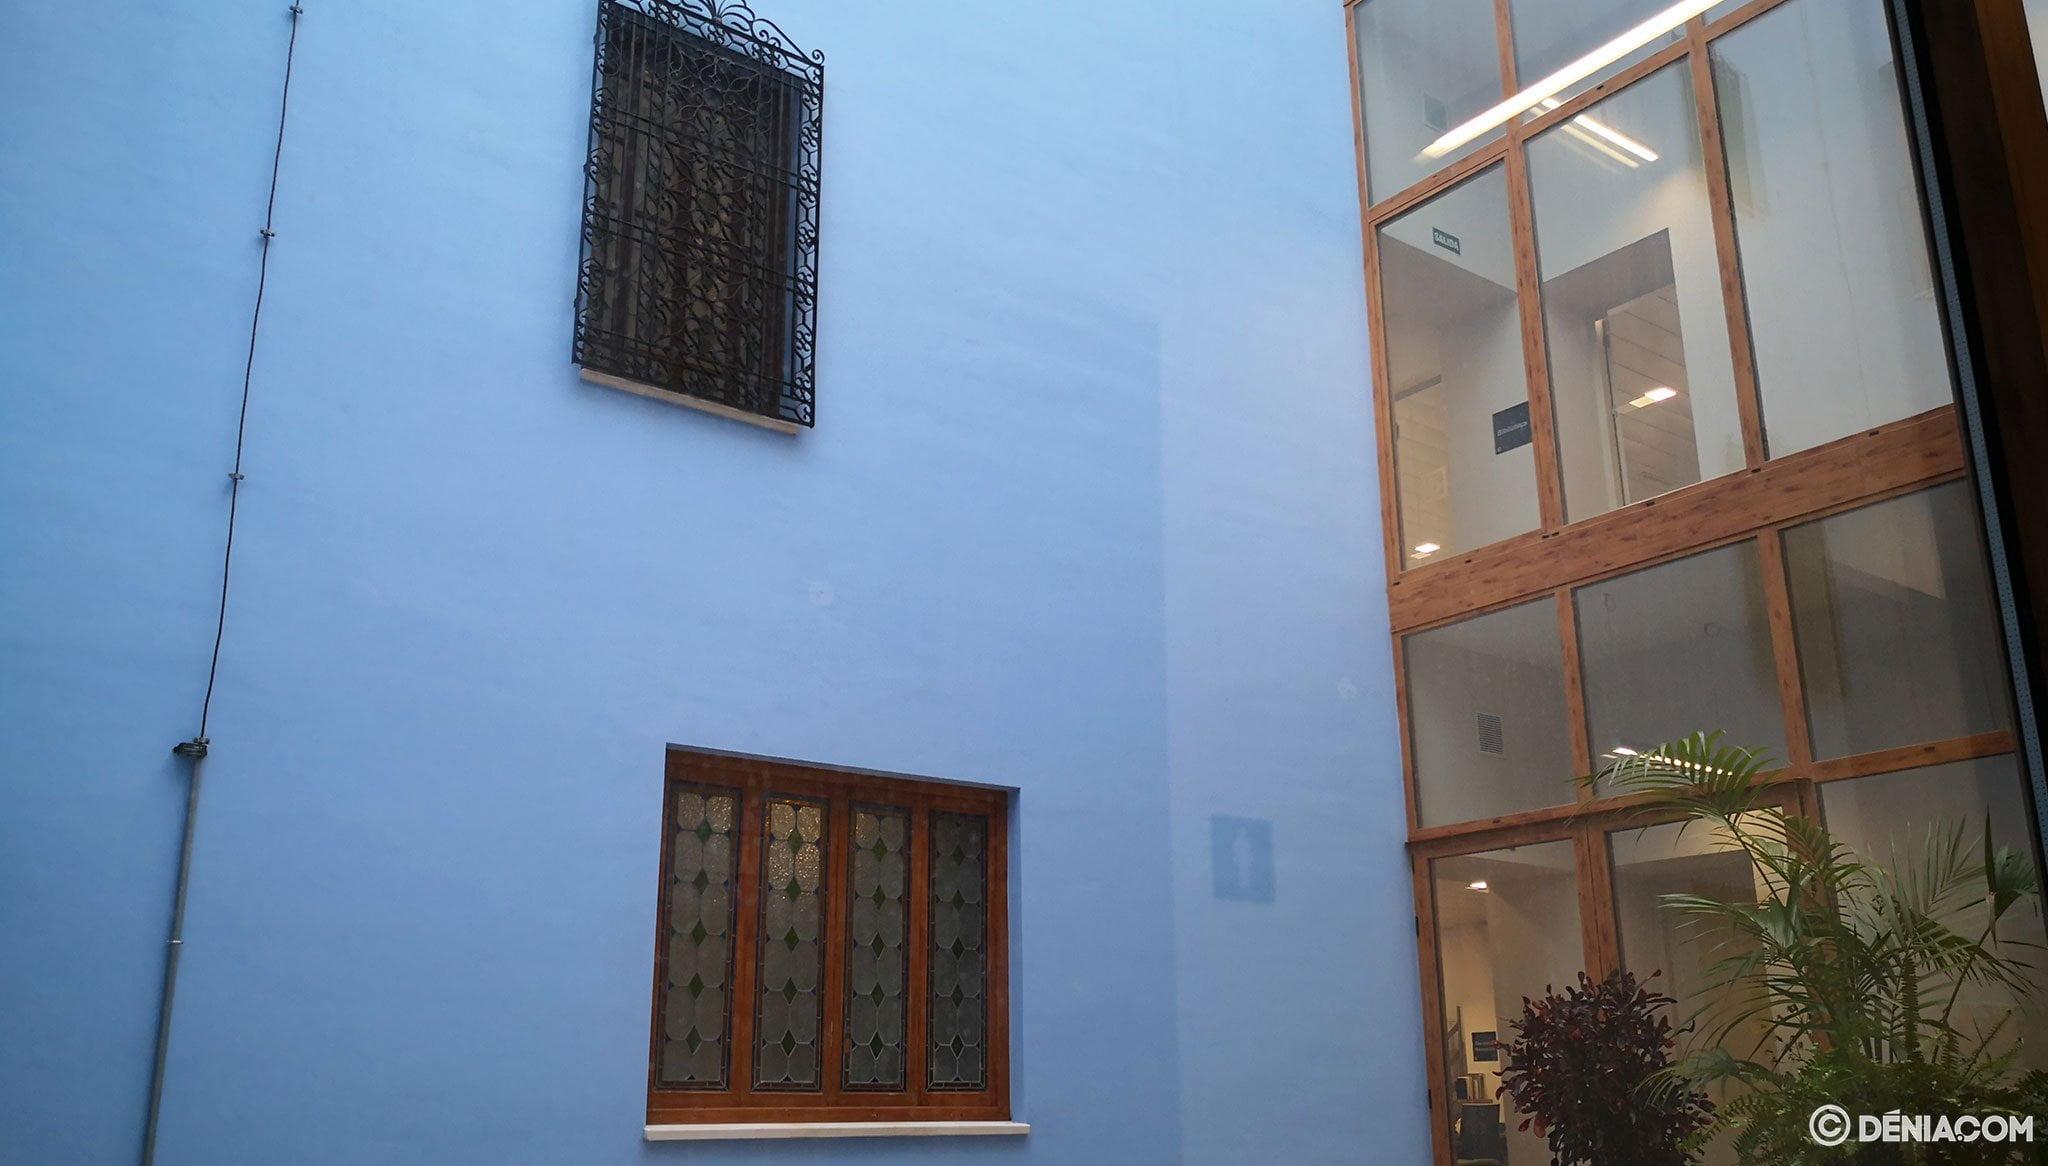 Patio interior en la Biblioteca Municipal de Dénia